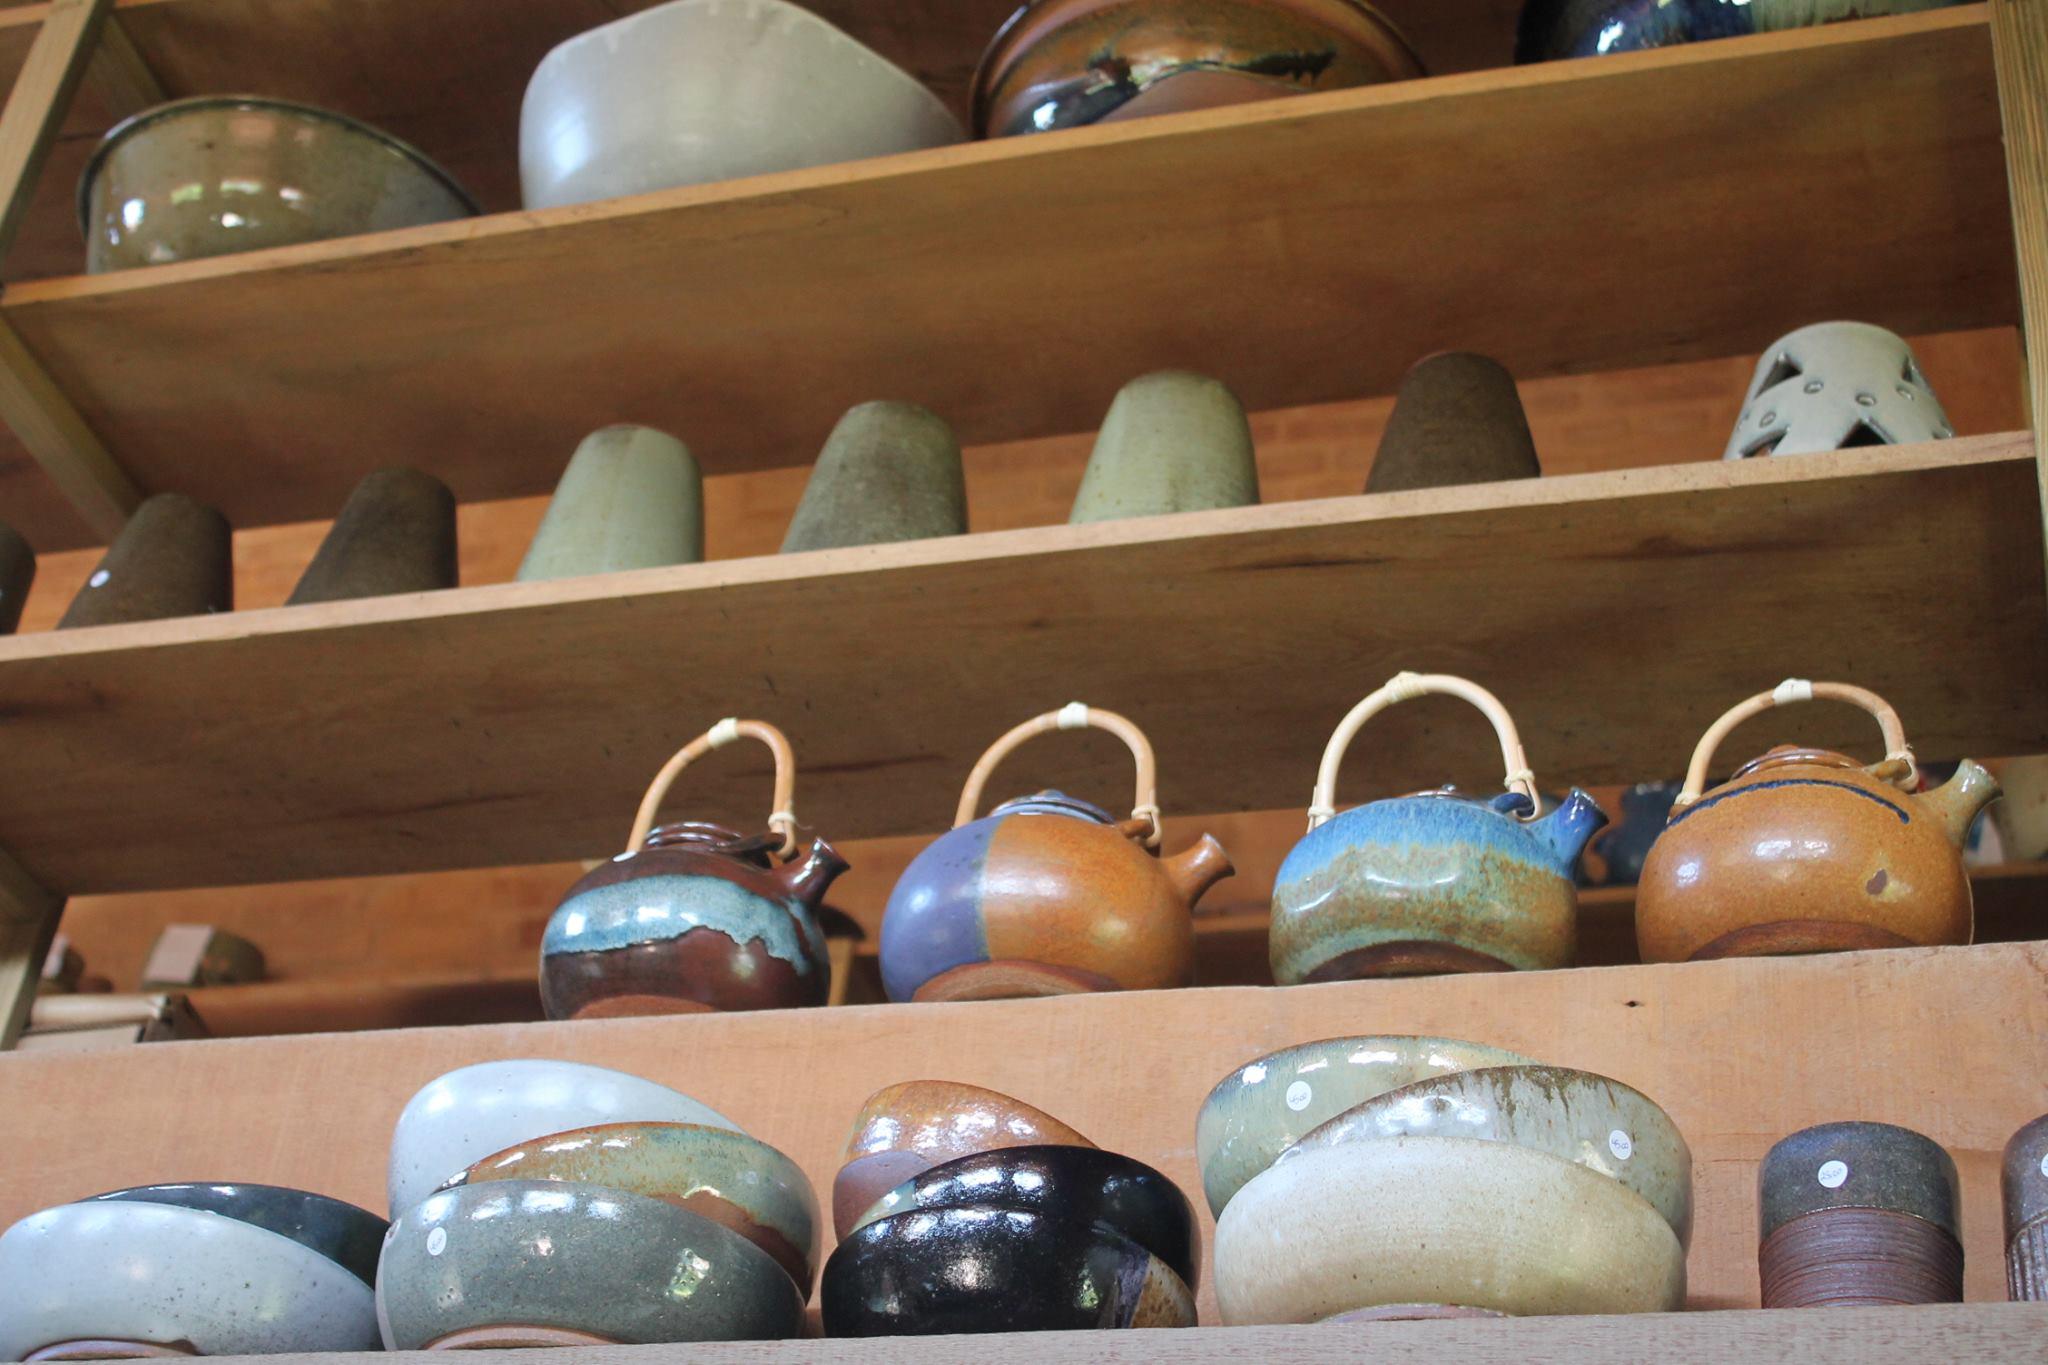 oficina-da-ceramica-chaleiras